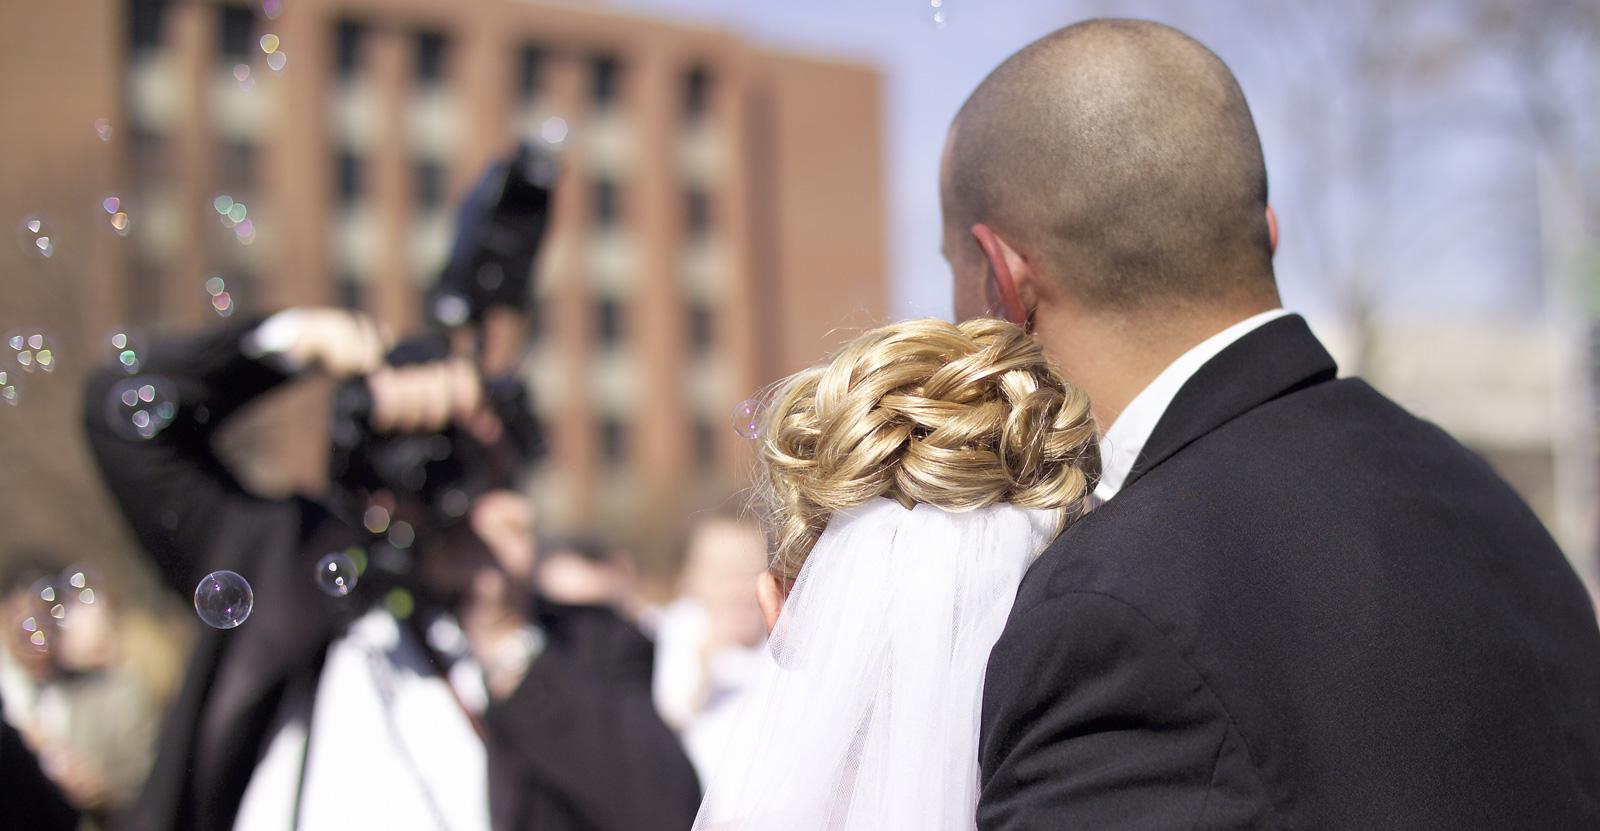 Wedding-Couple-With-Photographer